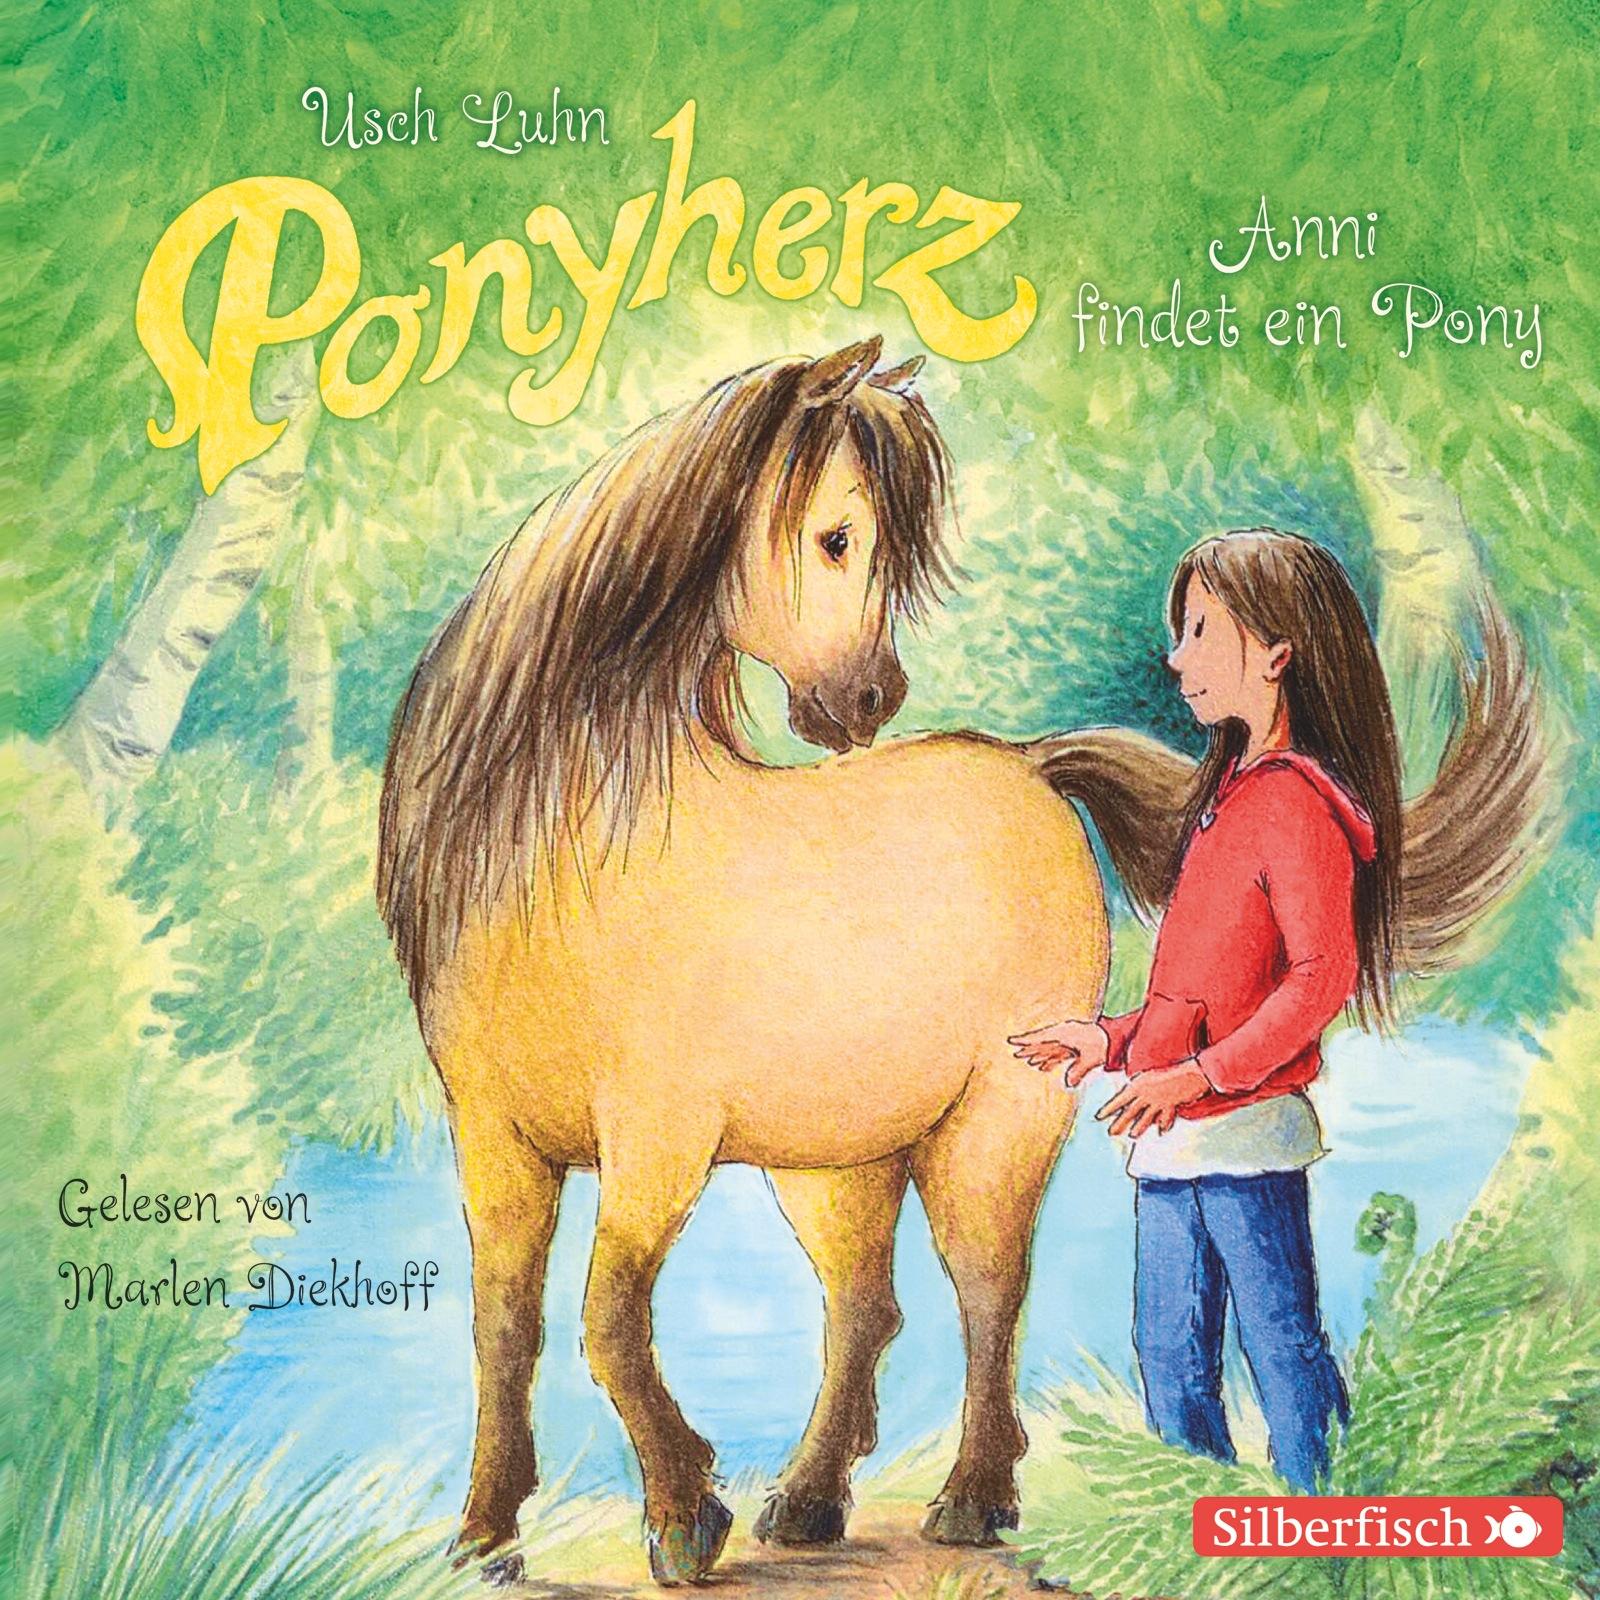 Ponyherz: Folge 1 - Anni findet ein Pony - Usch...